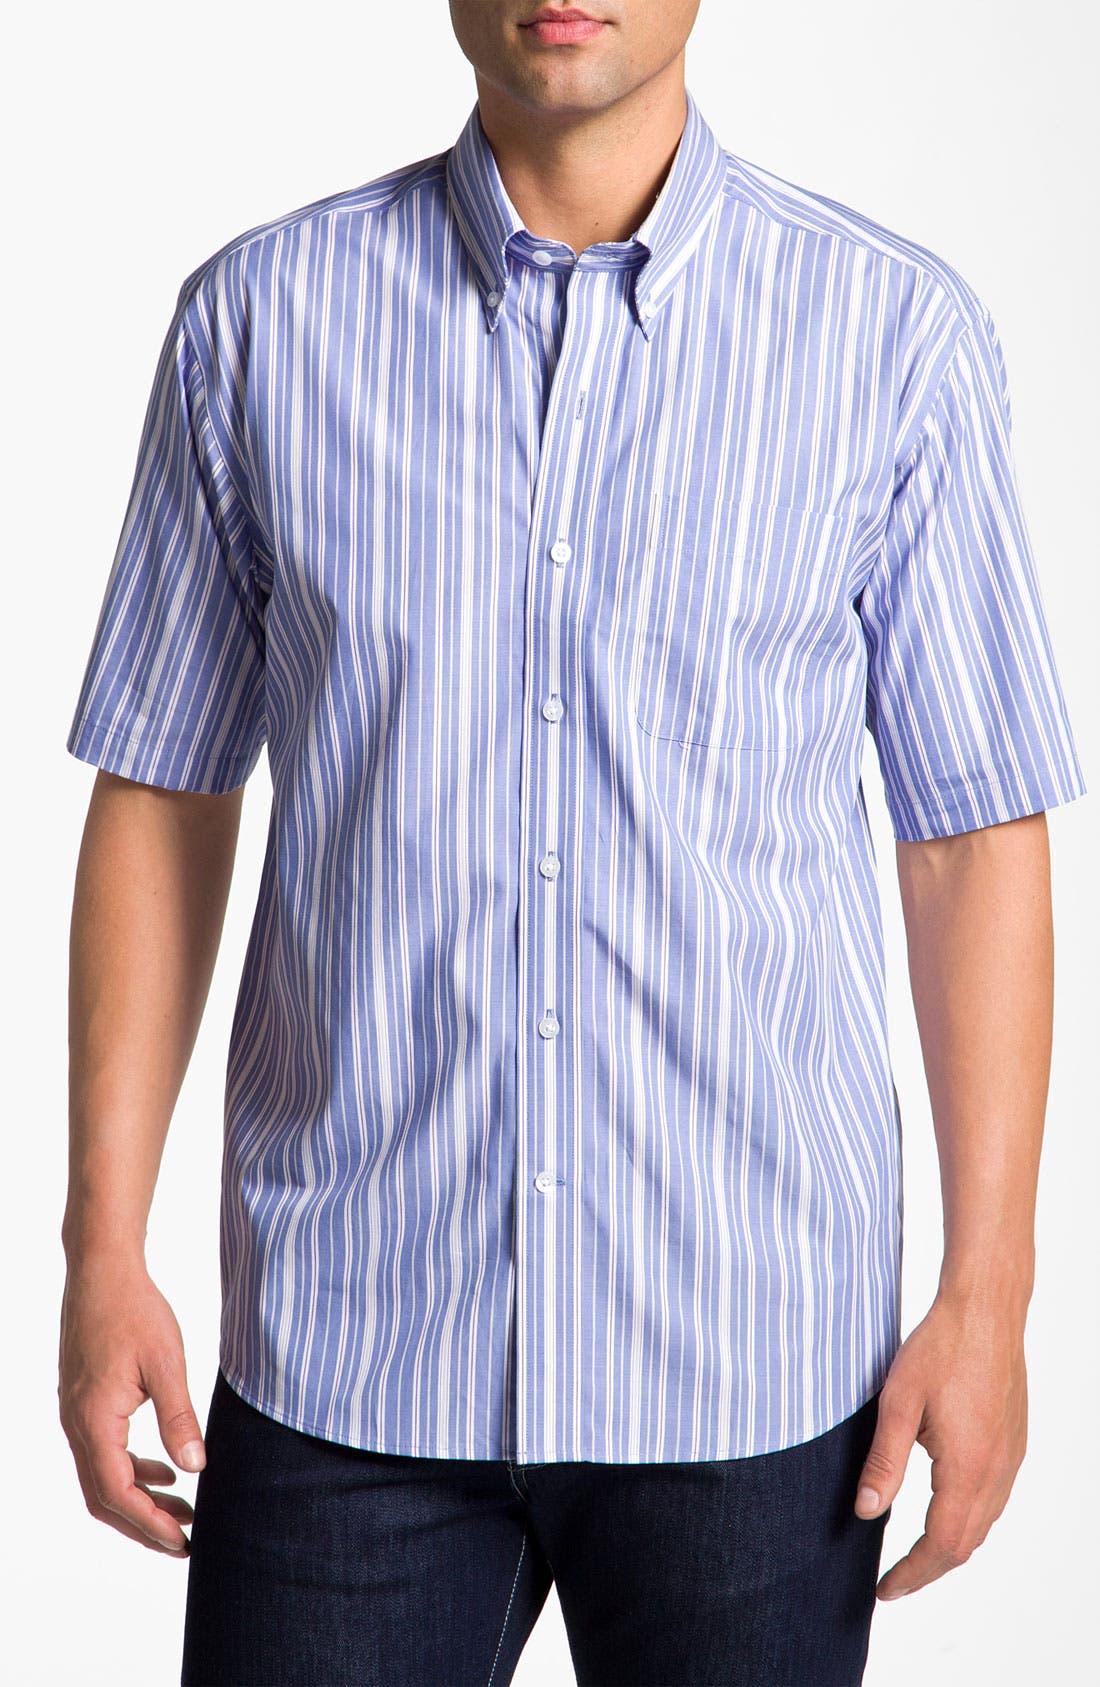 Main Image - Cutter & Buck 'Beach Access' Stripe Sport Shirt